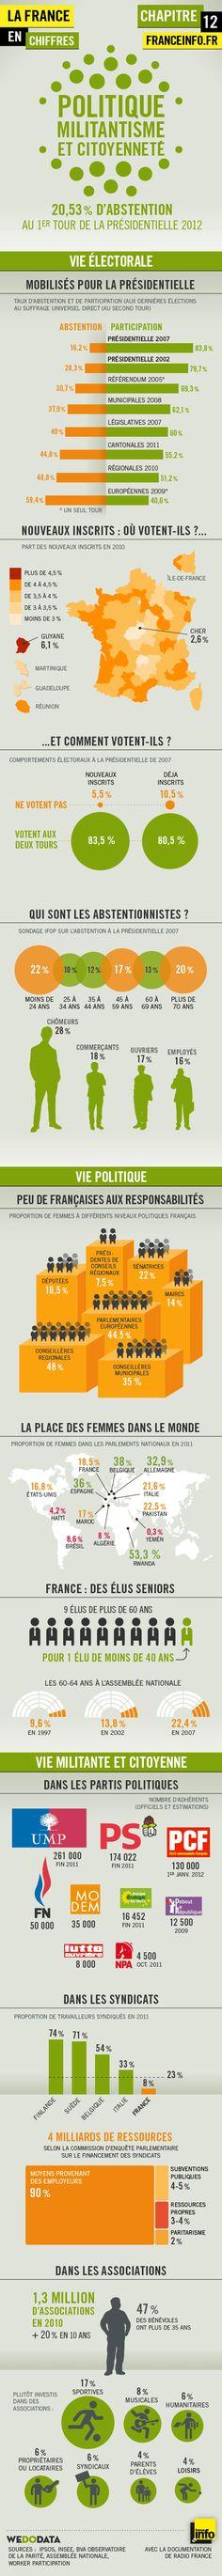 Infographies | La France en chiffres : politique et citoyenneté - France Info